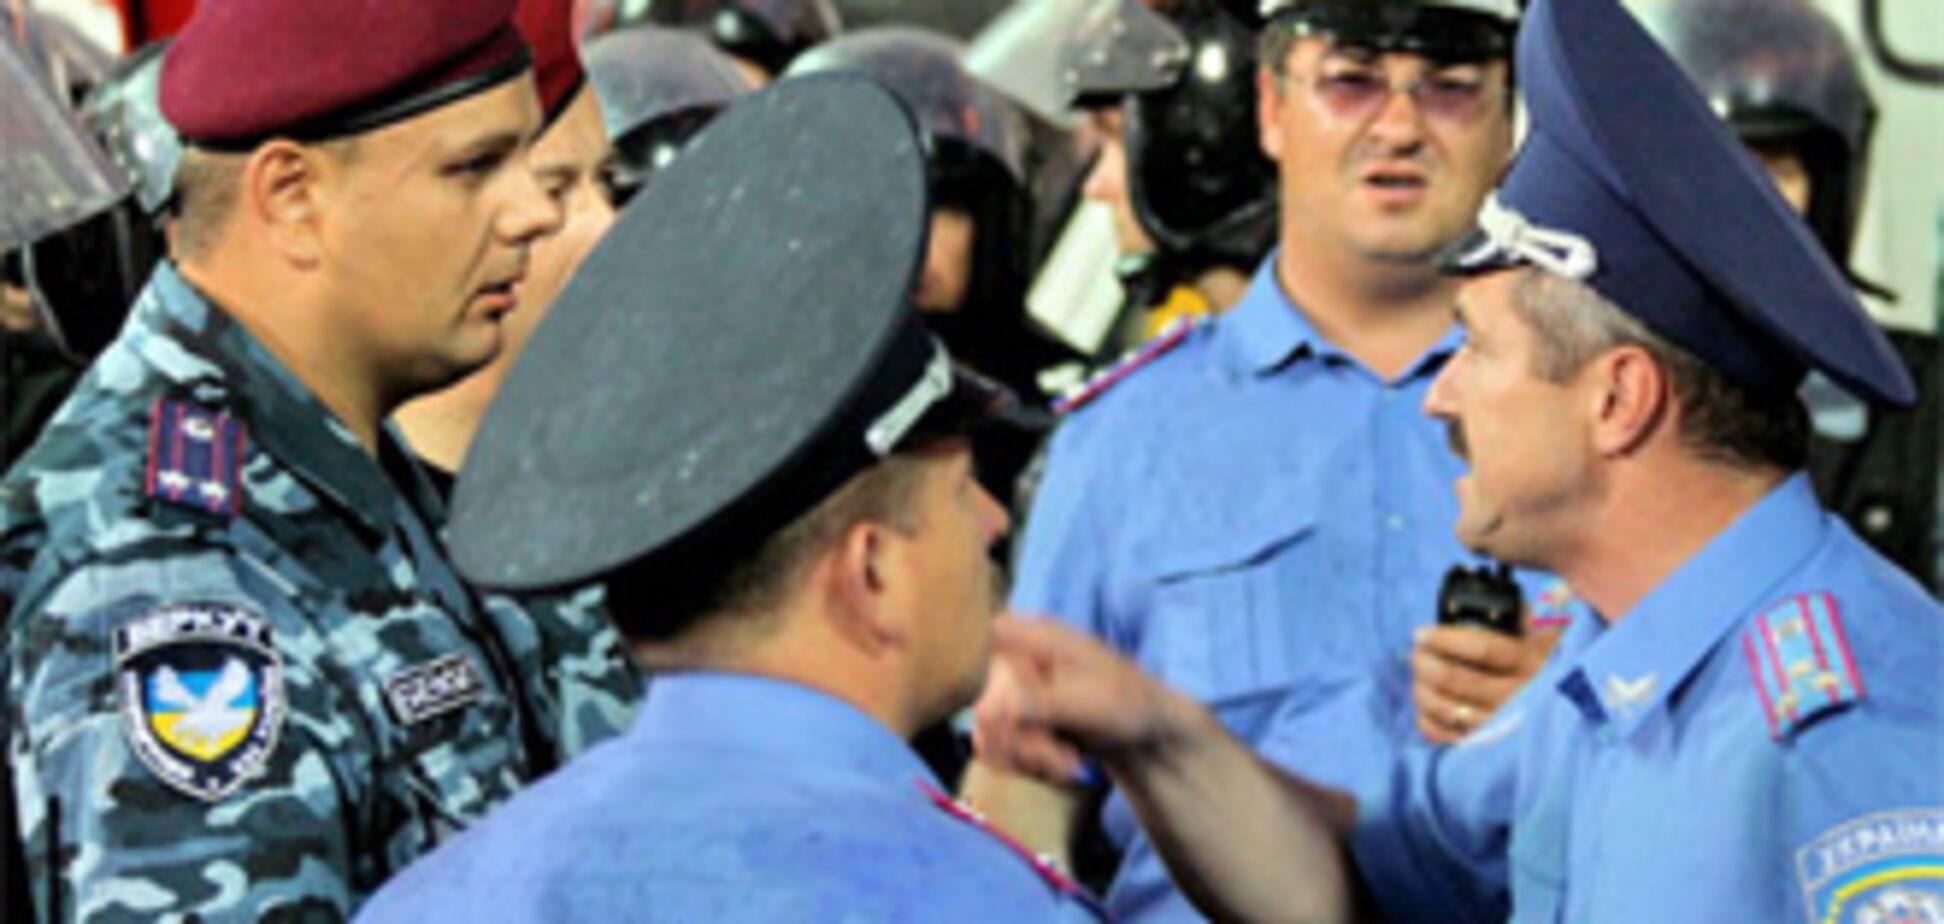 У Запоріжжі до смерті забили майора міліції